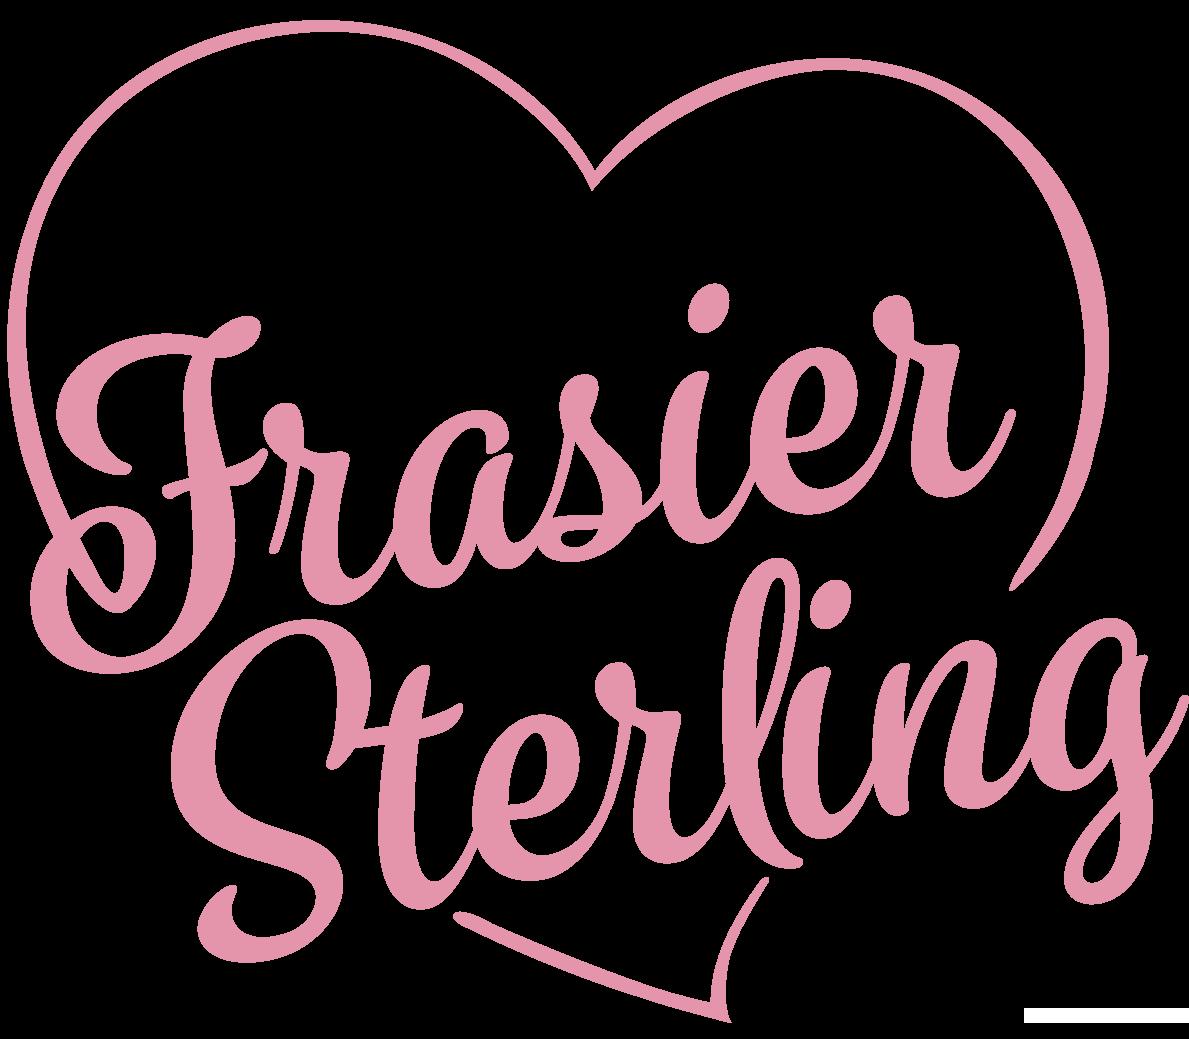 Frasier Sterling